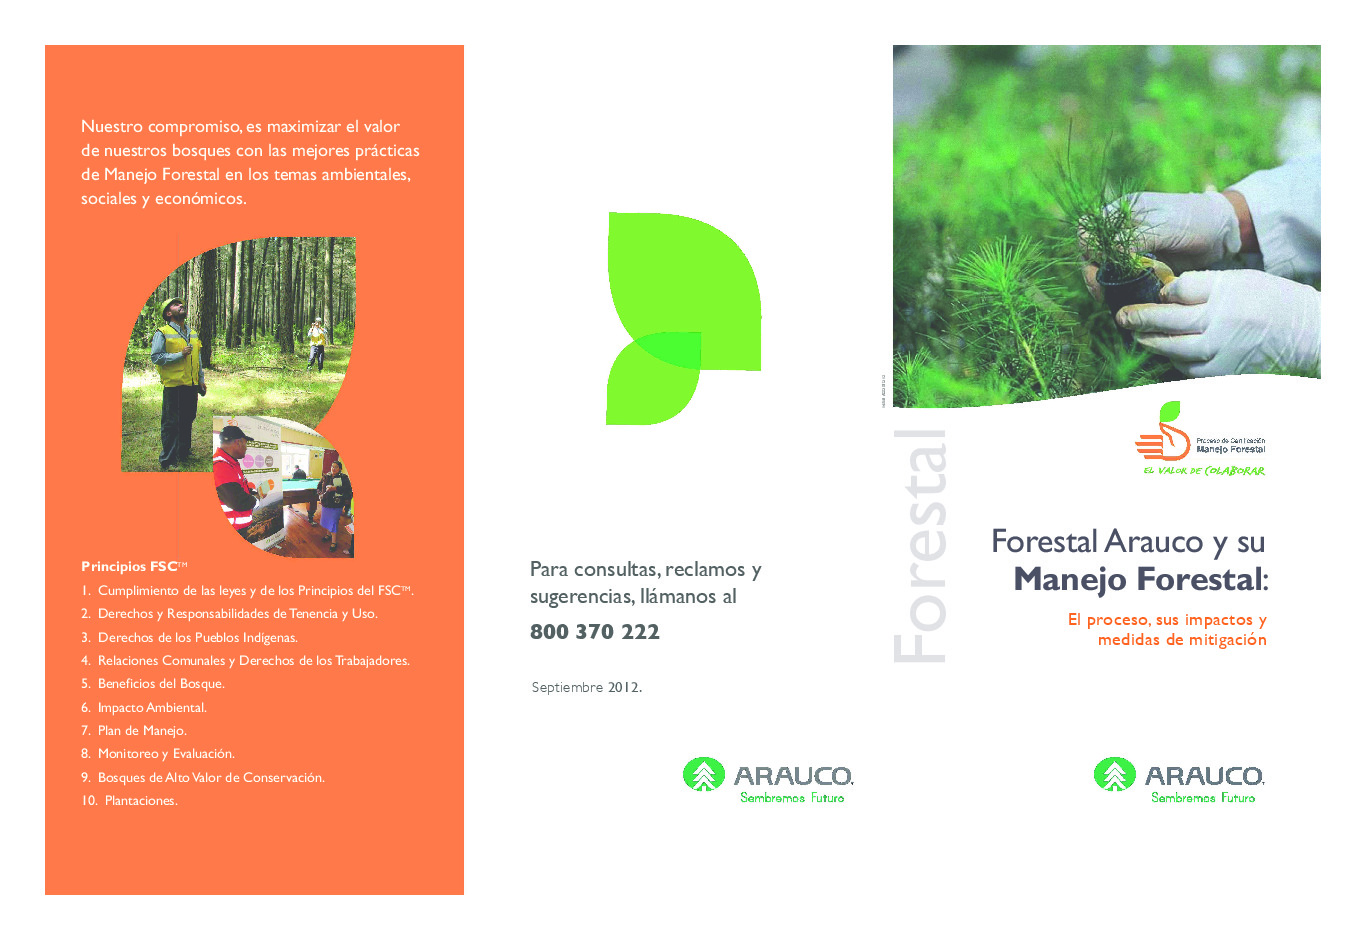 Manejo Forestal - El proceso, sus impactos y medidas de mitigación